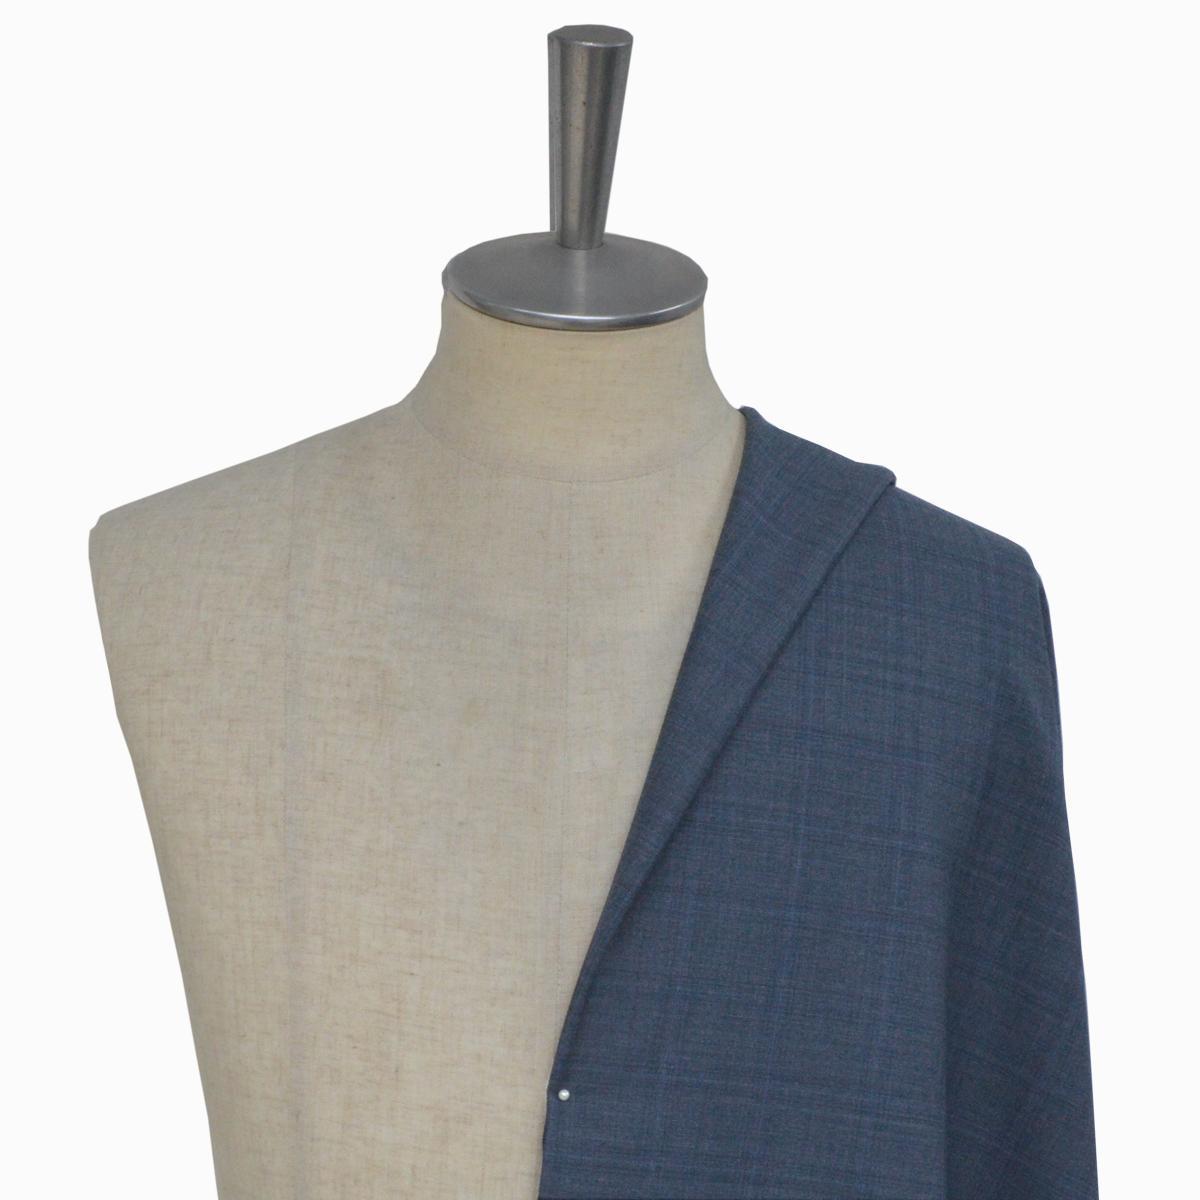 [オーダーレディーススーツ スカートセット]【LORO PIANA】優しく包み込む上質な着心地